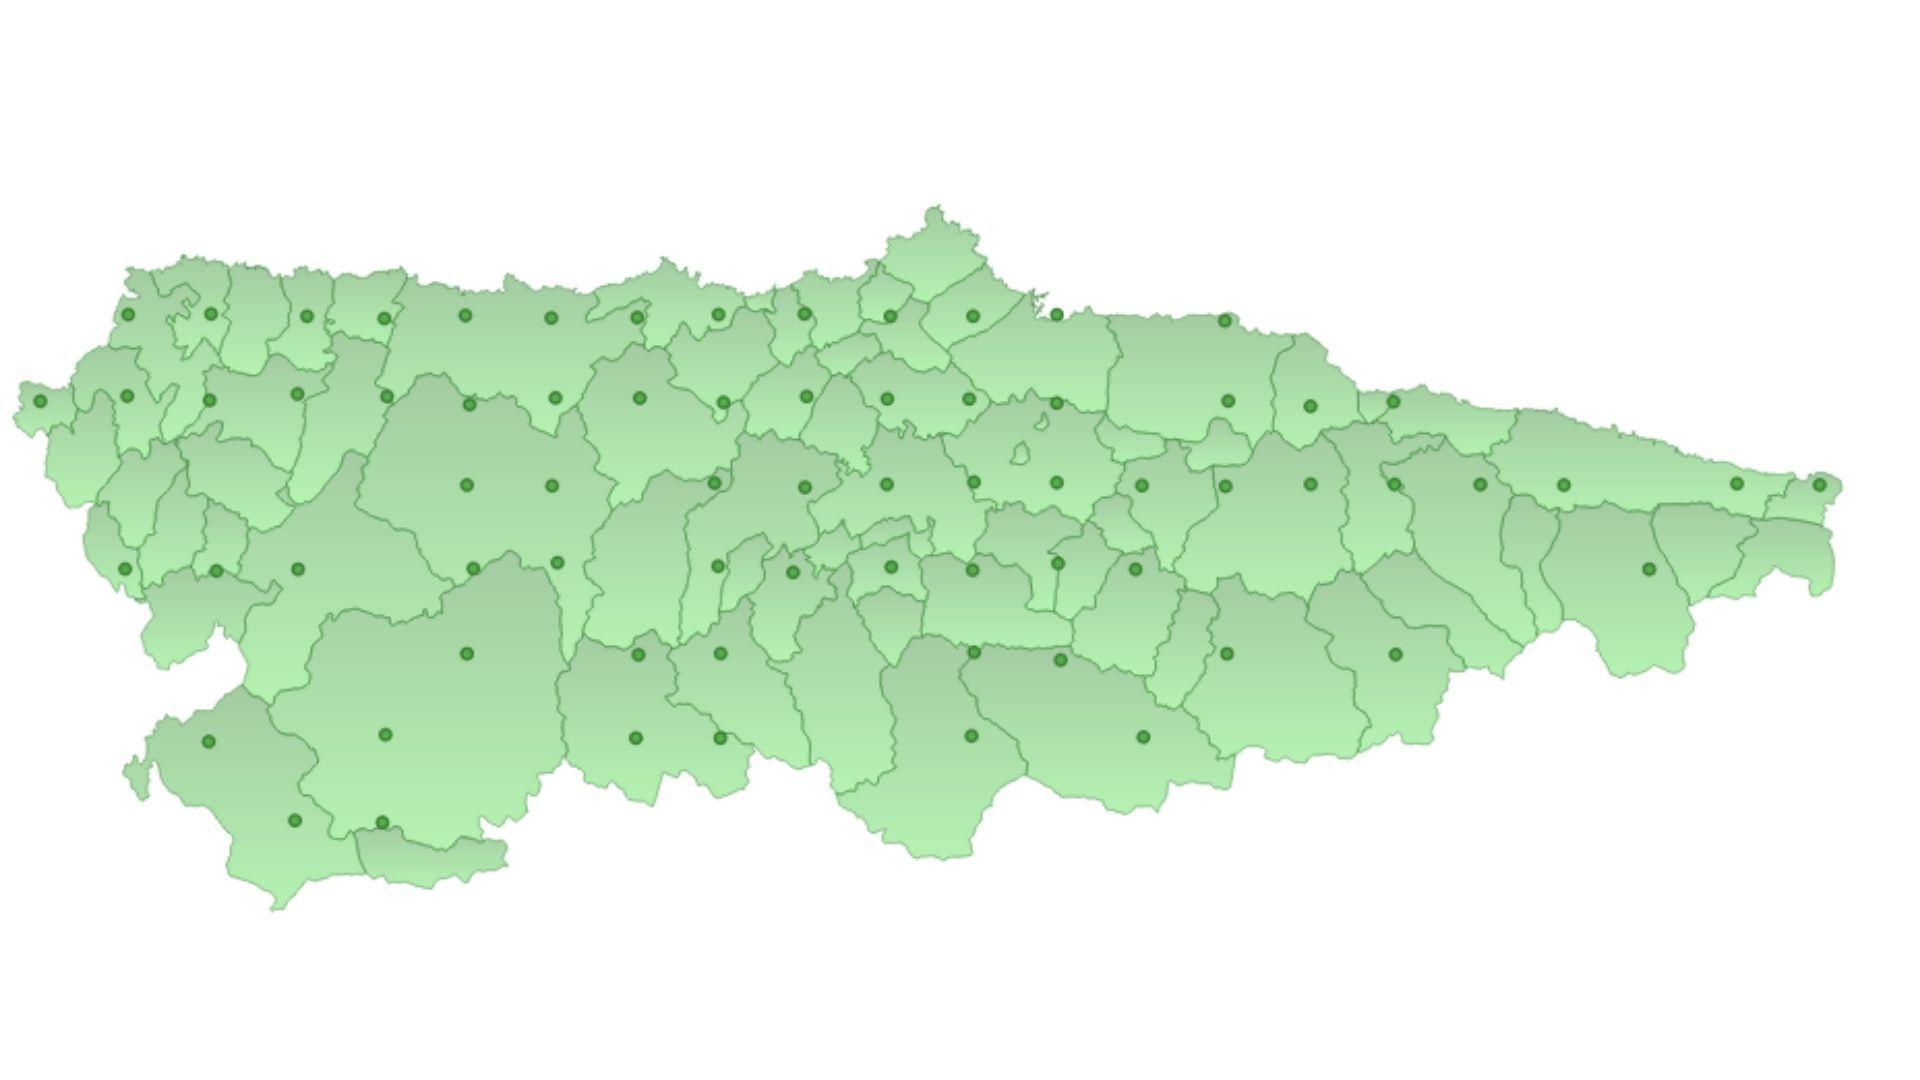 Mapa con los puntos del muestreo de las trampas de colores para la velutina que prueba el Principado